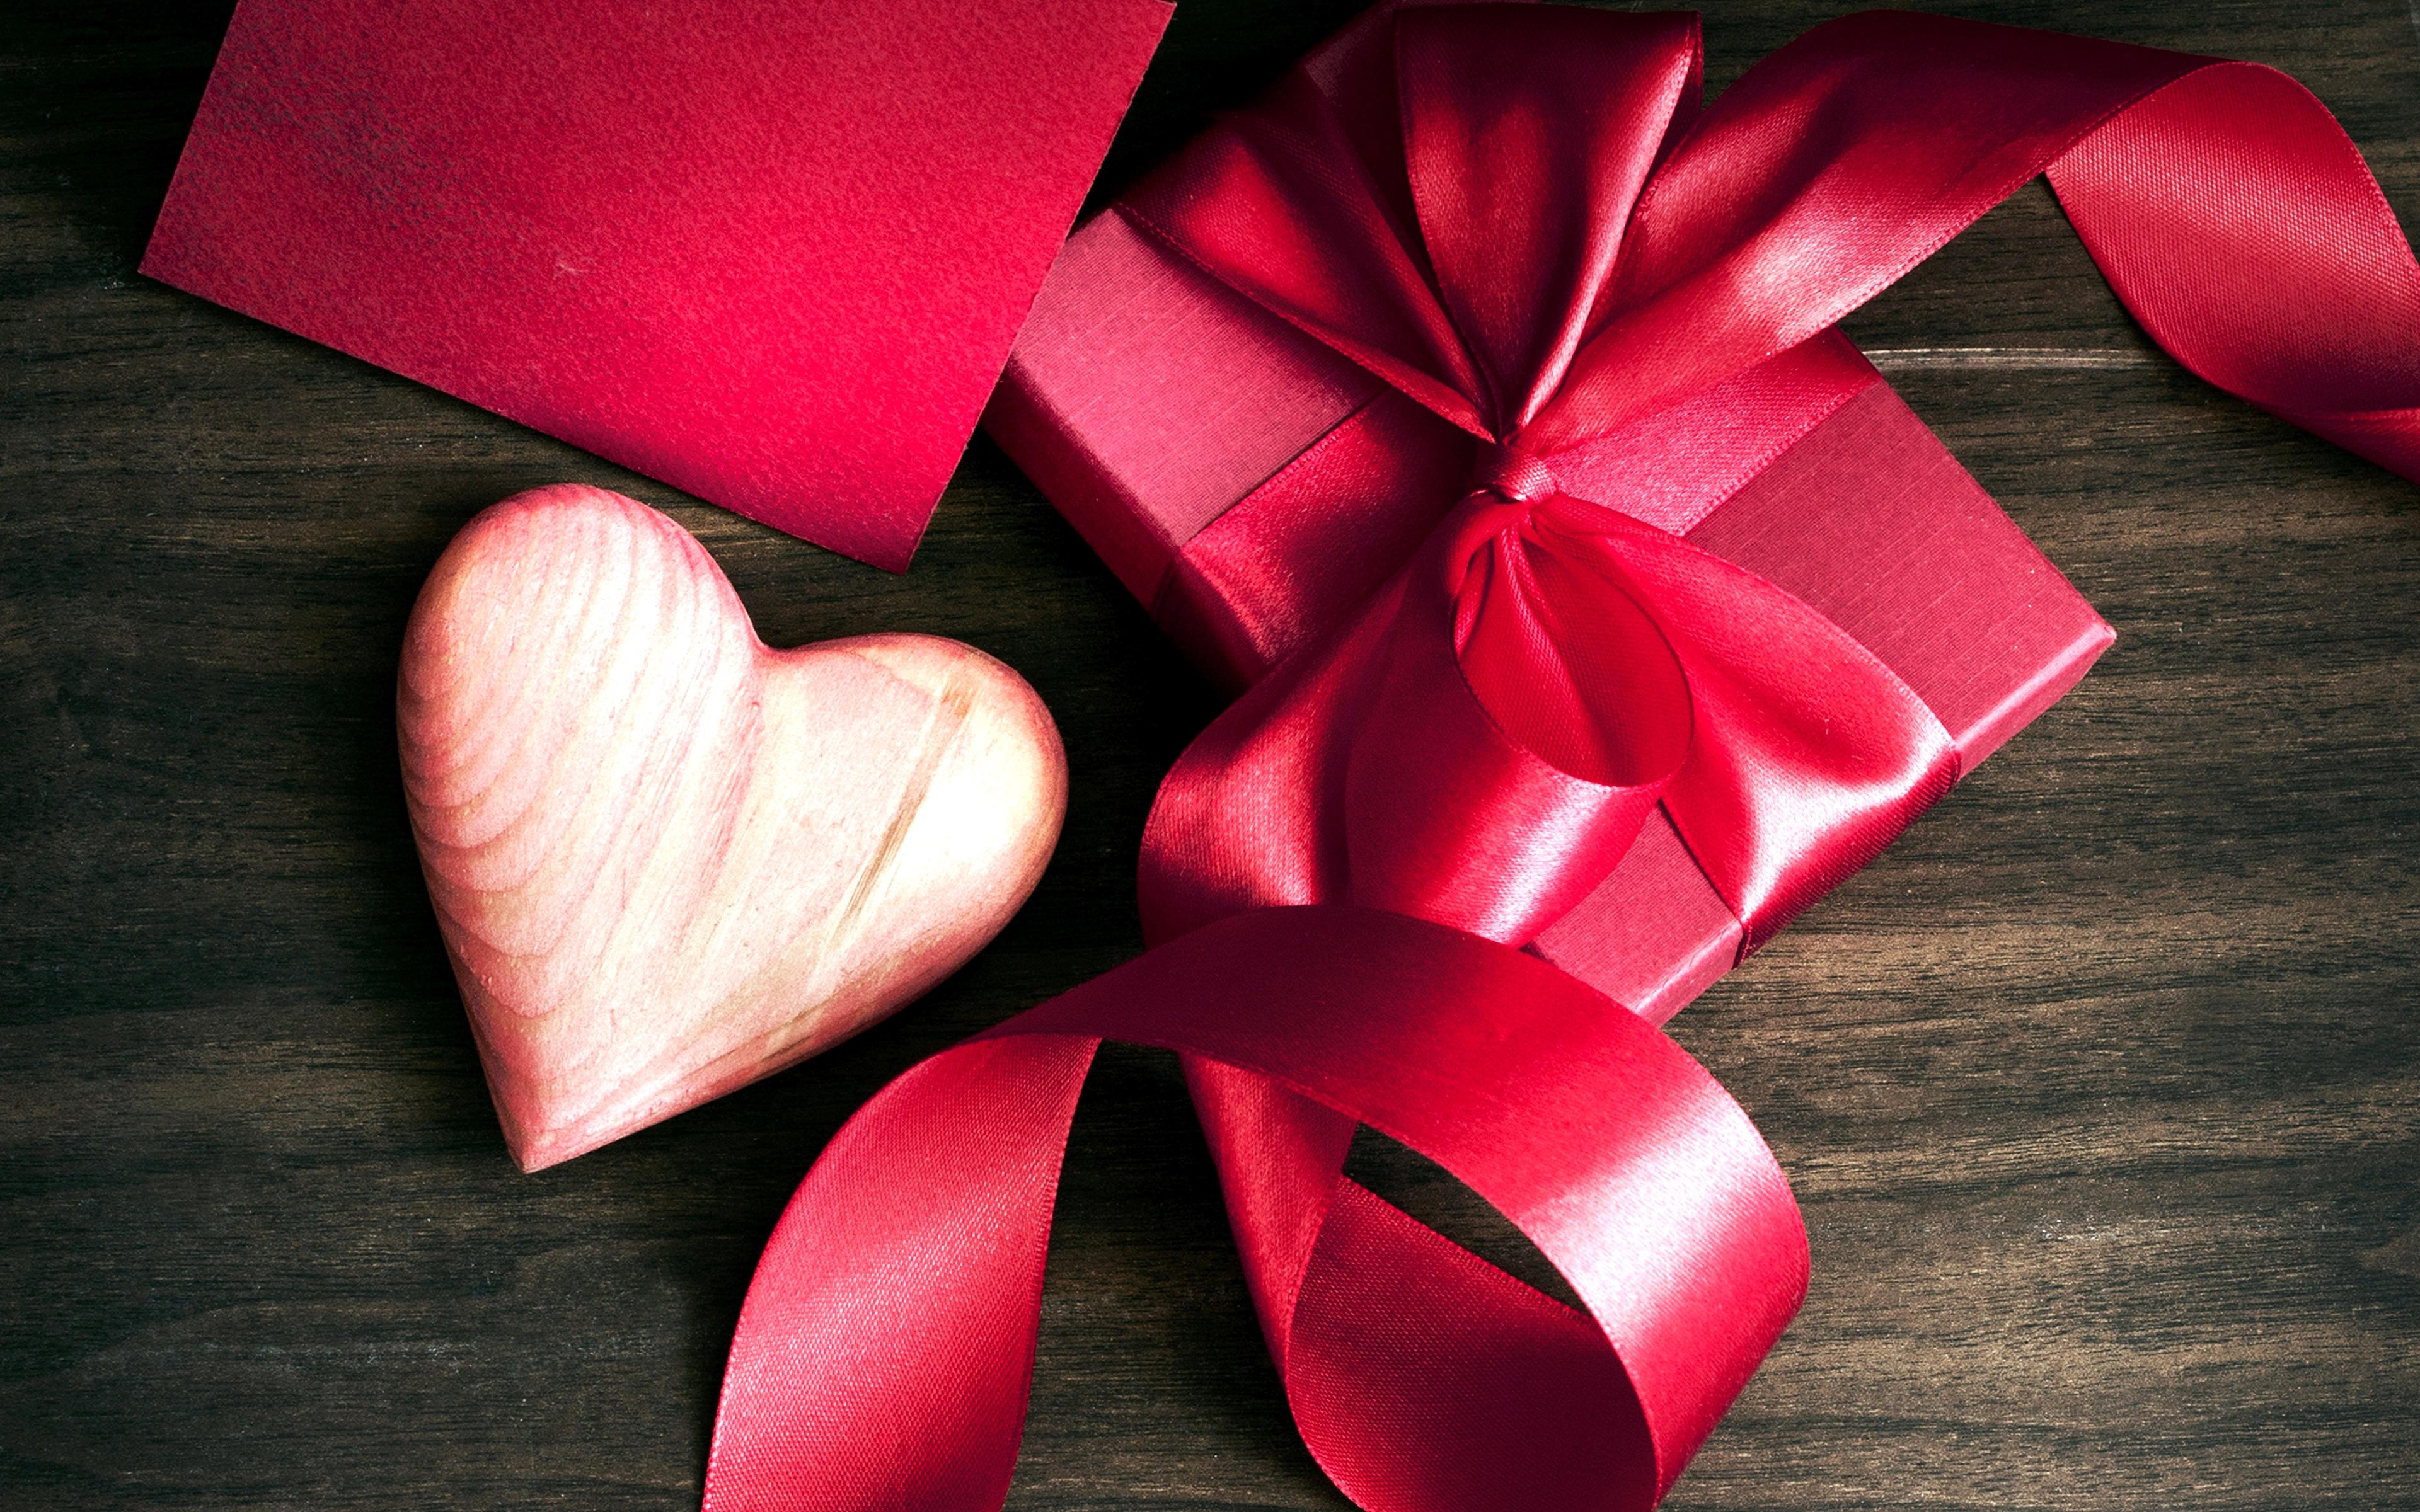 Акция Подарки от всего сердца в салонах «Билайн 47